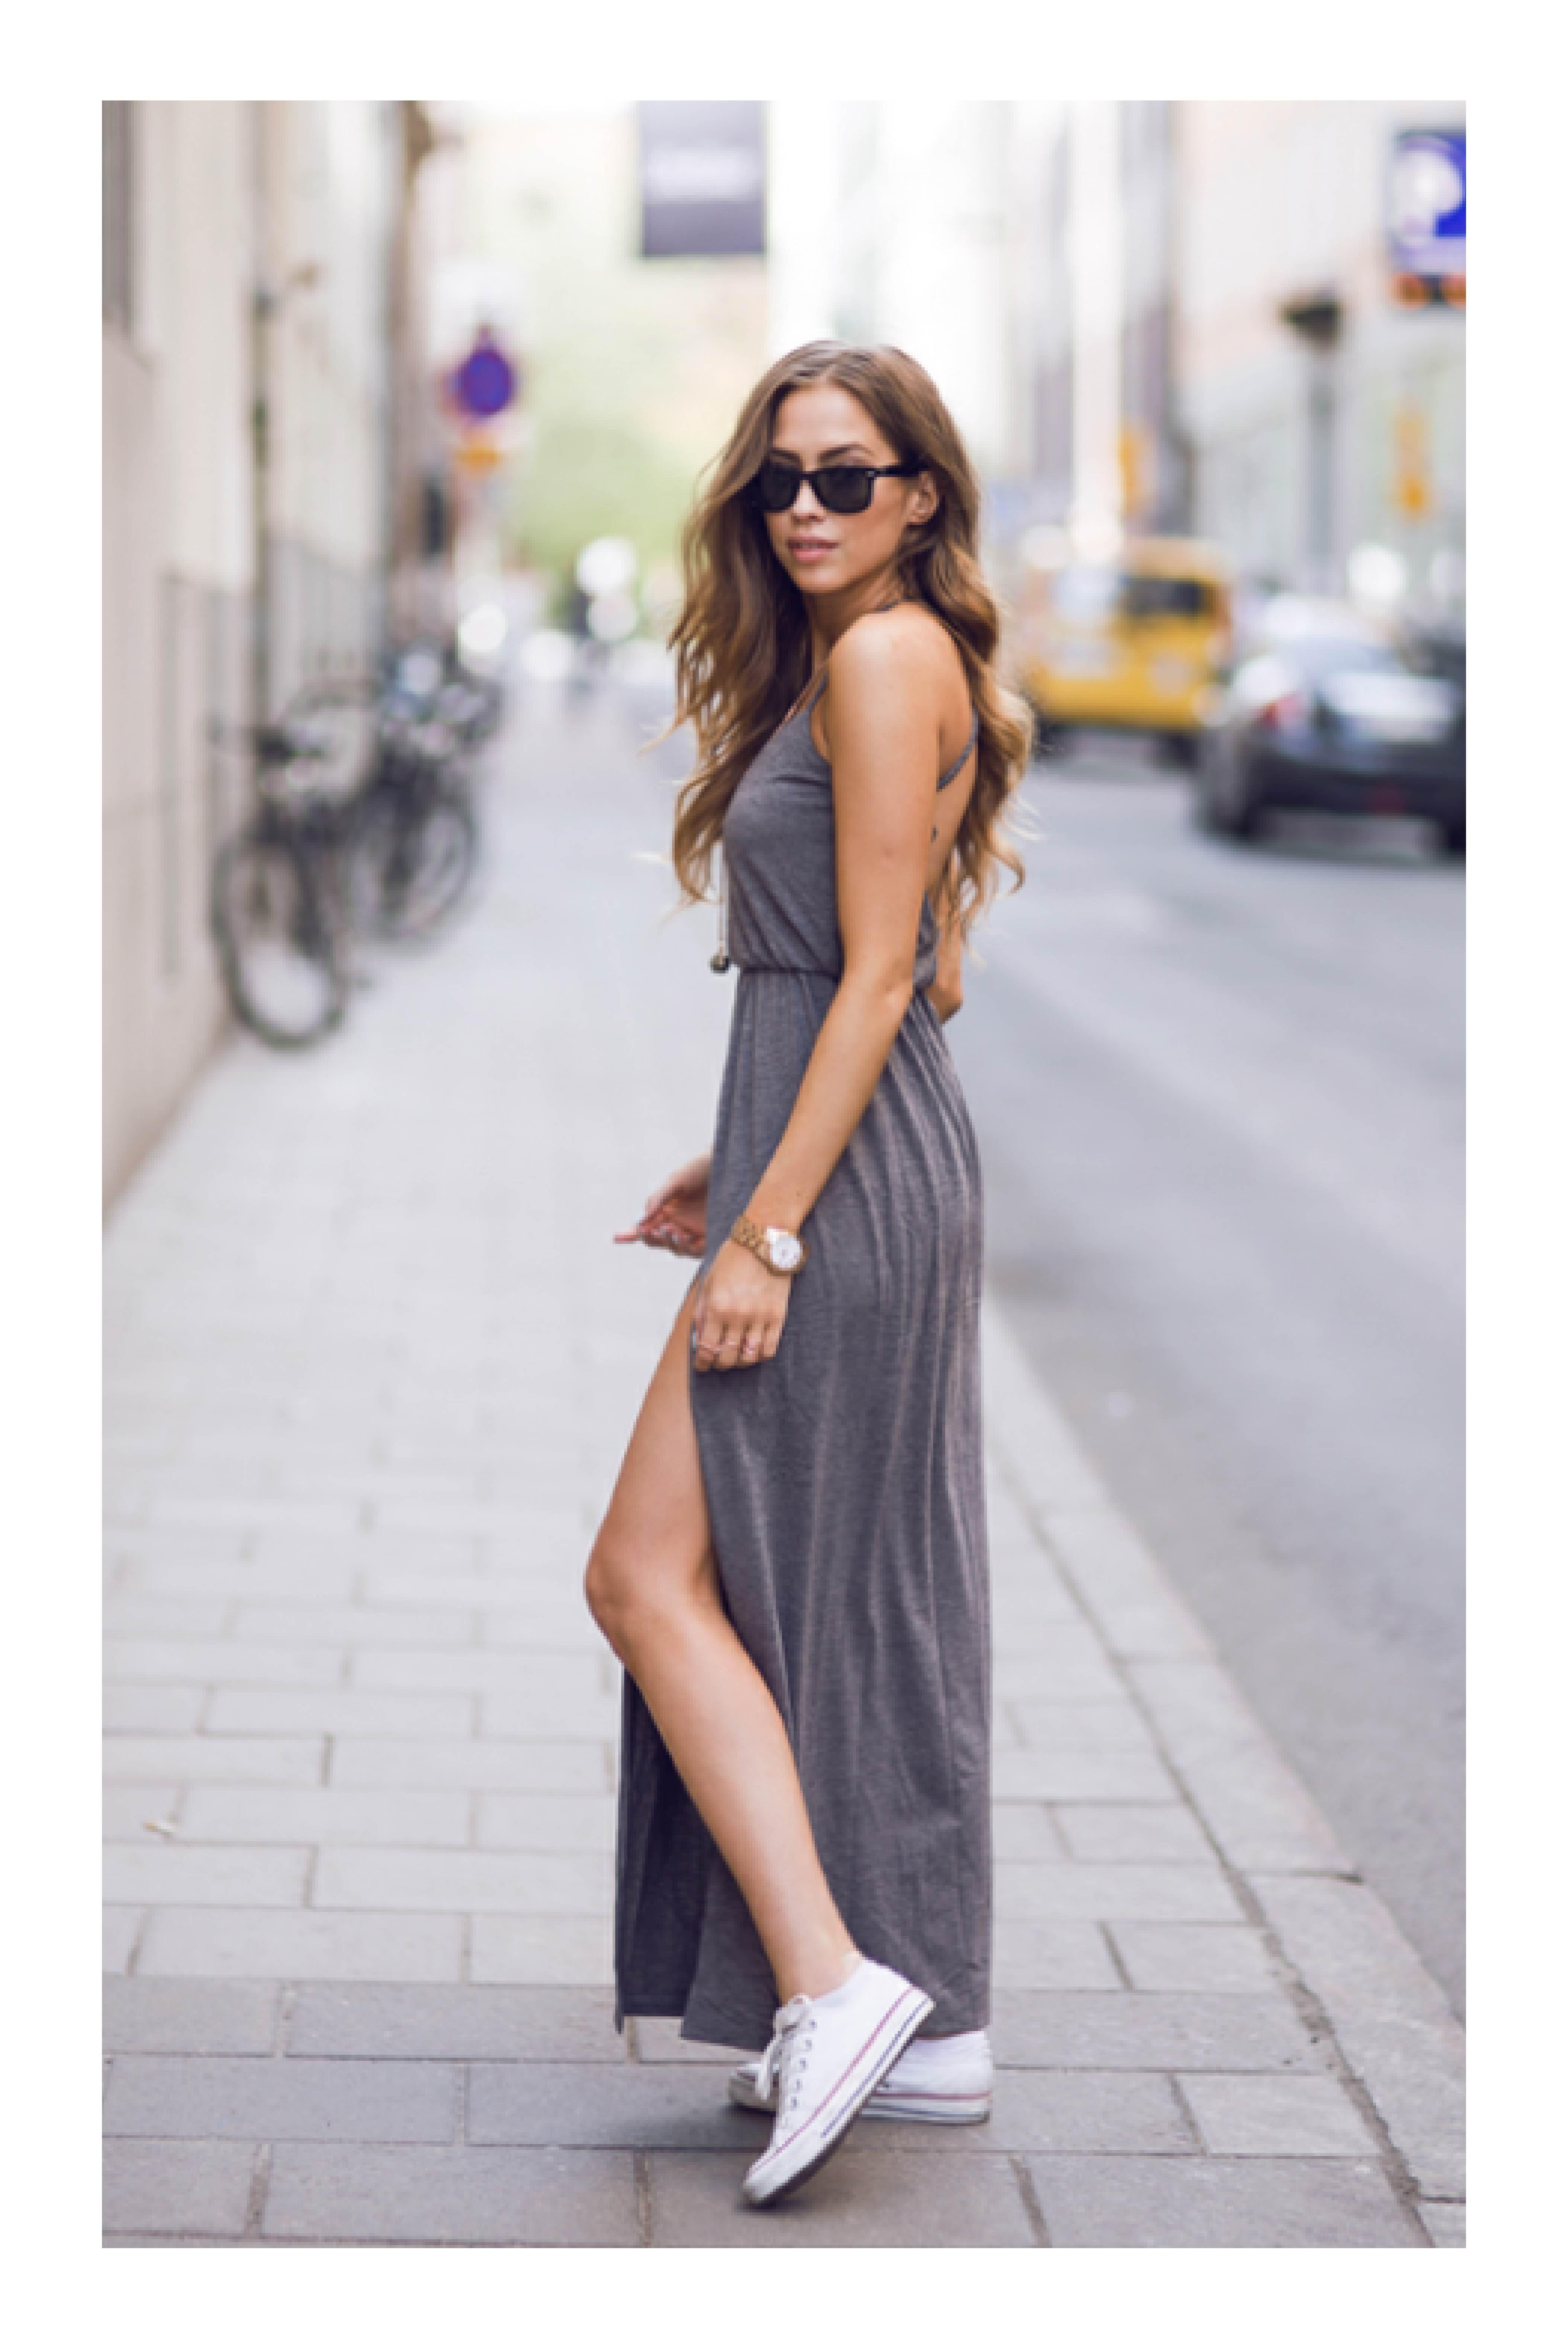 Aprende a combinar tus prendas favoritas de color gris